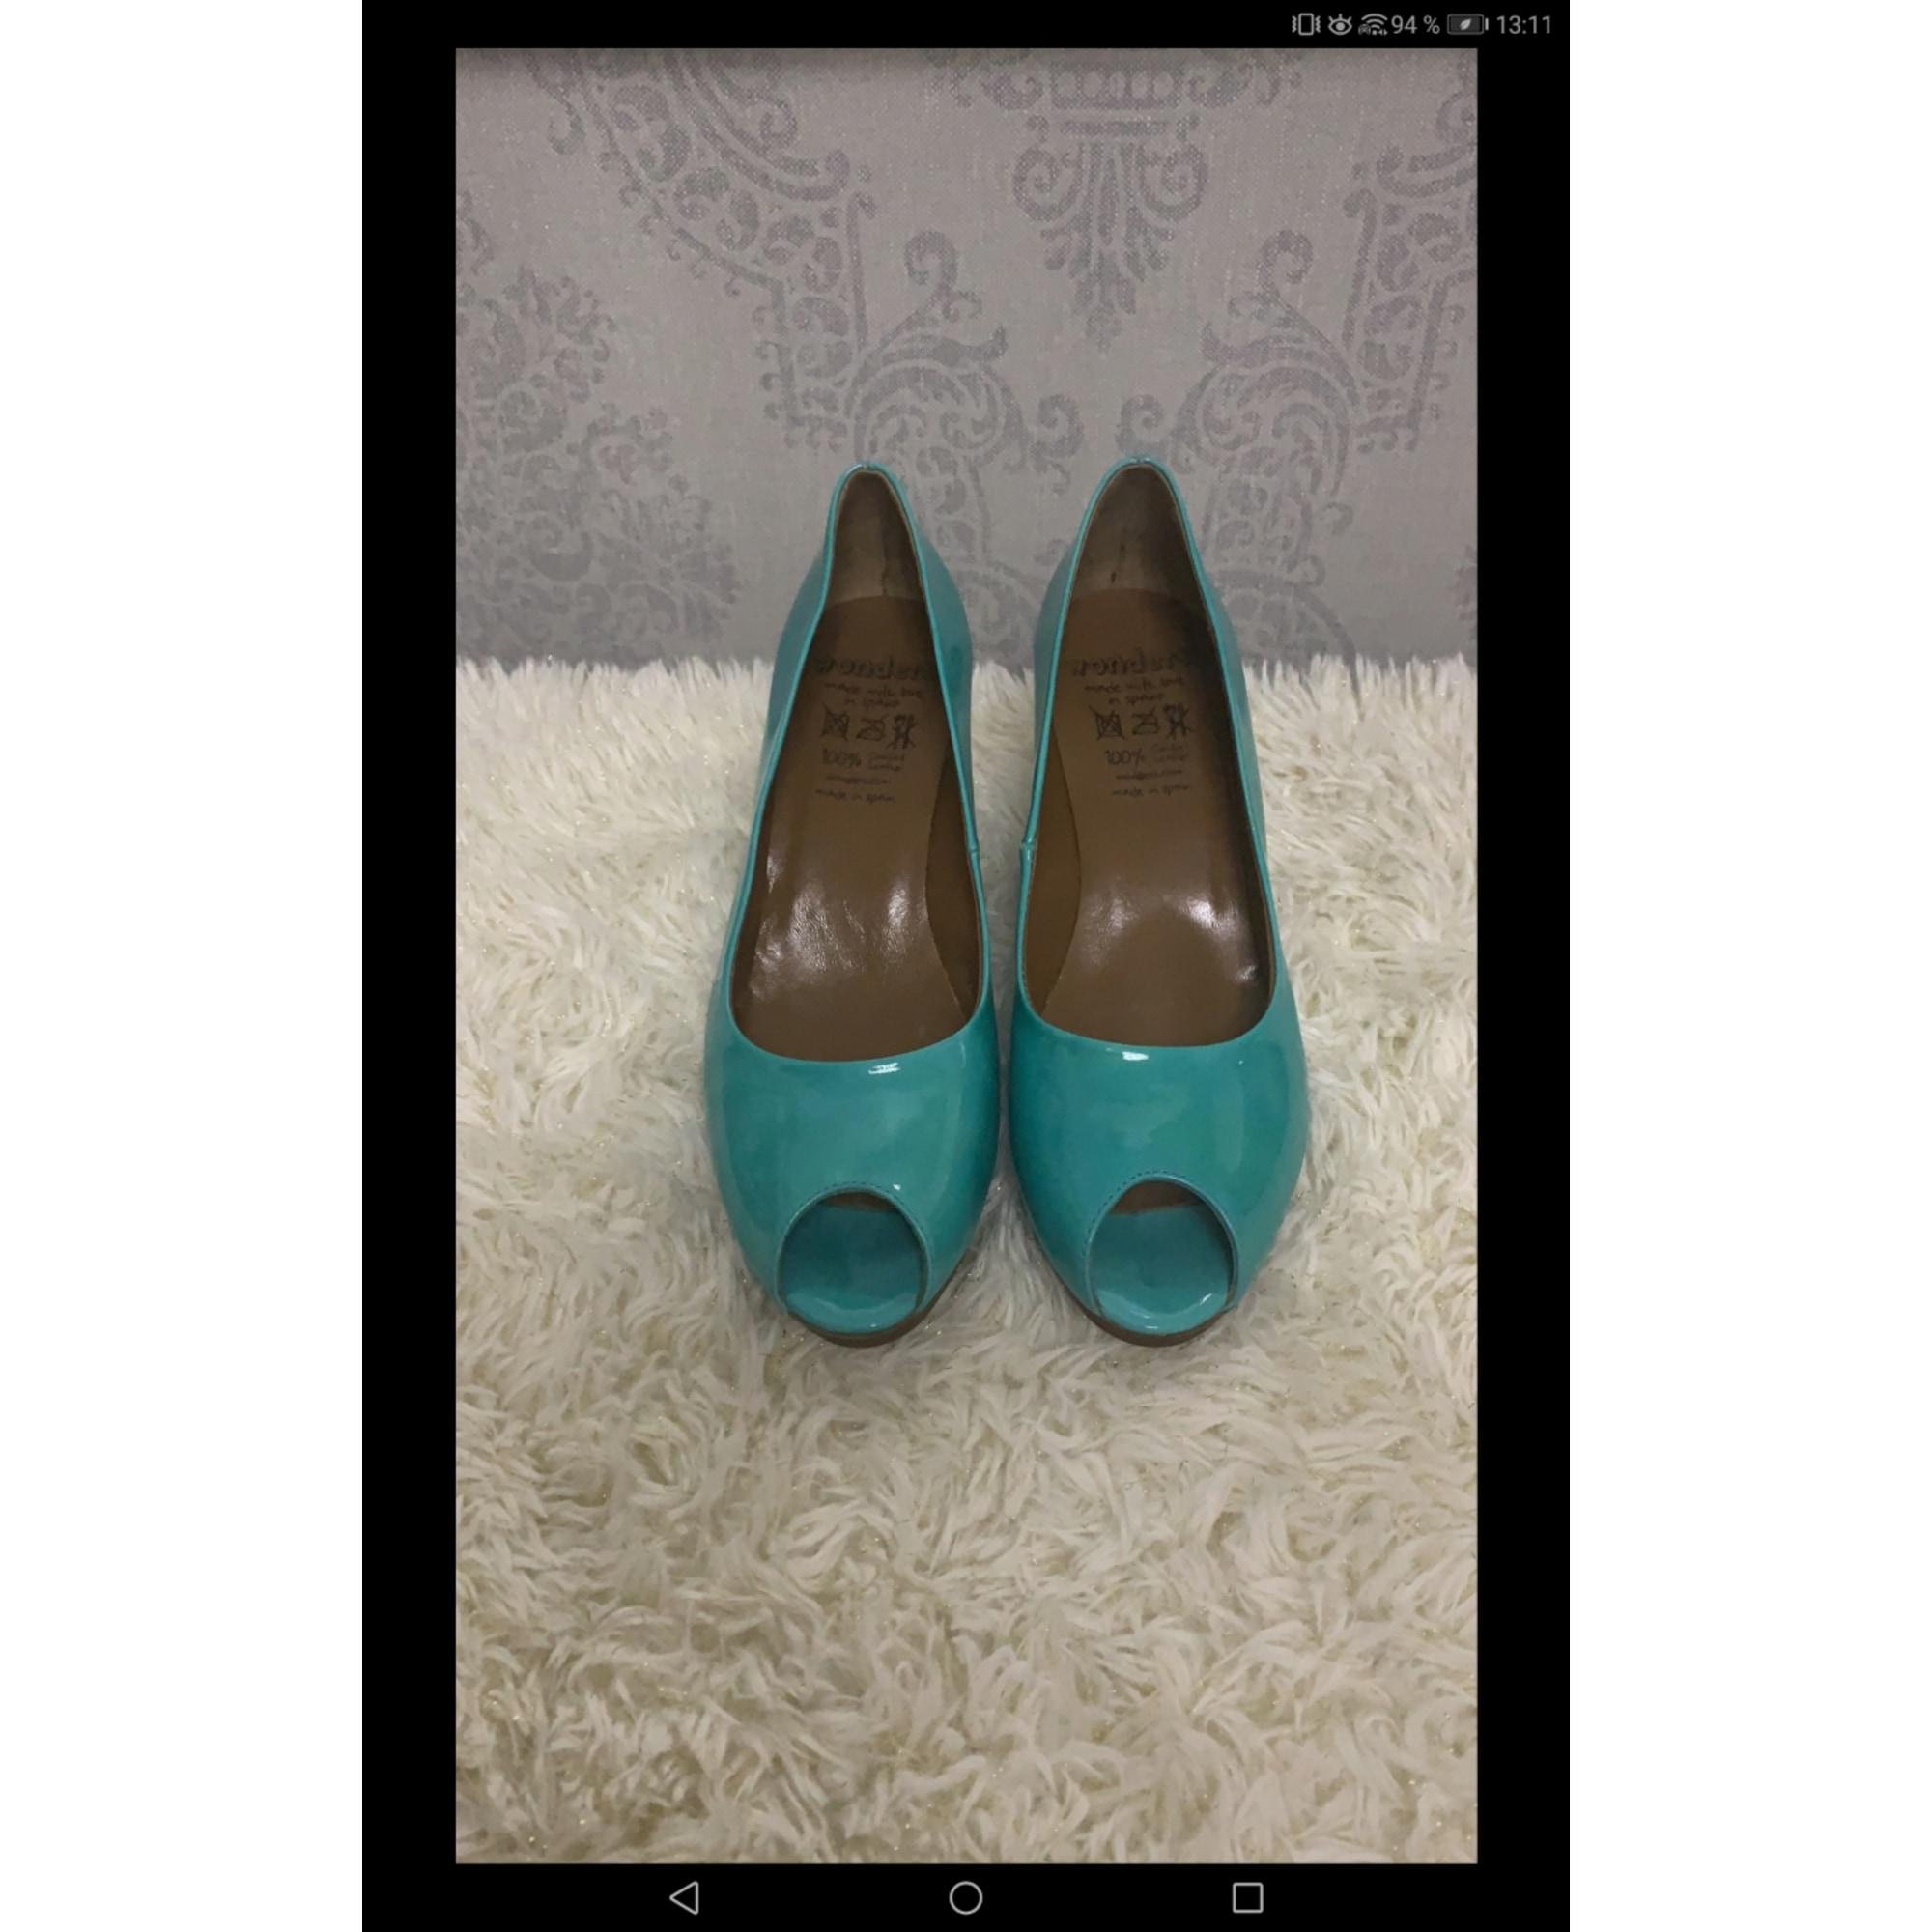 Escarpins à bouts ouverts WONDERS Bleu, bleu marine, bleu turquoise